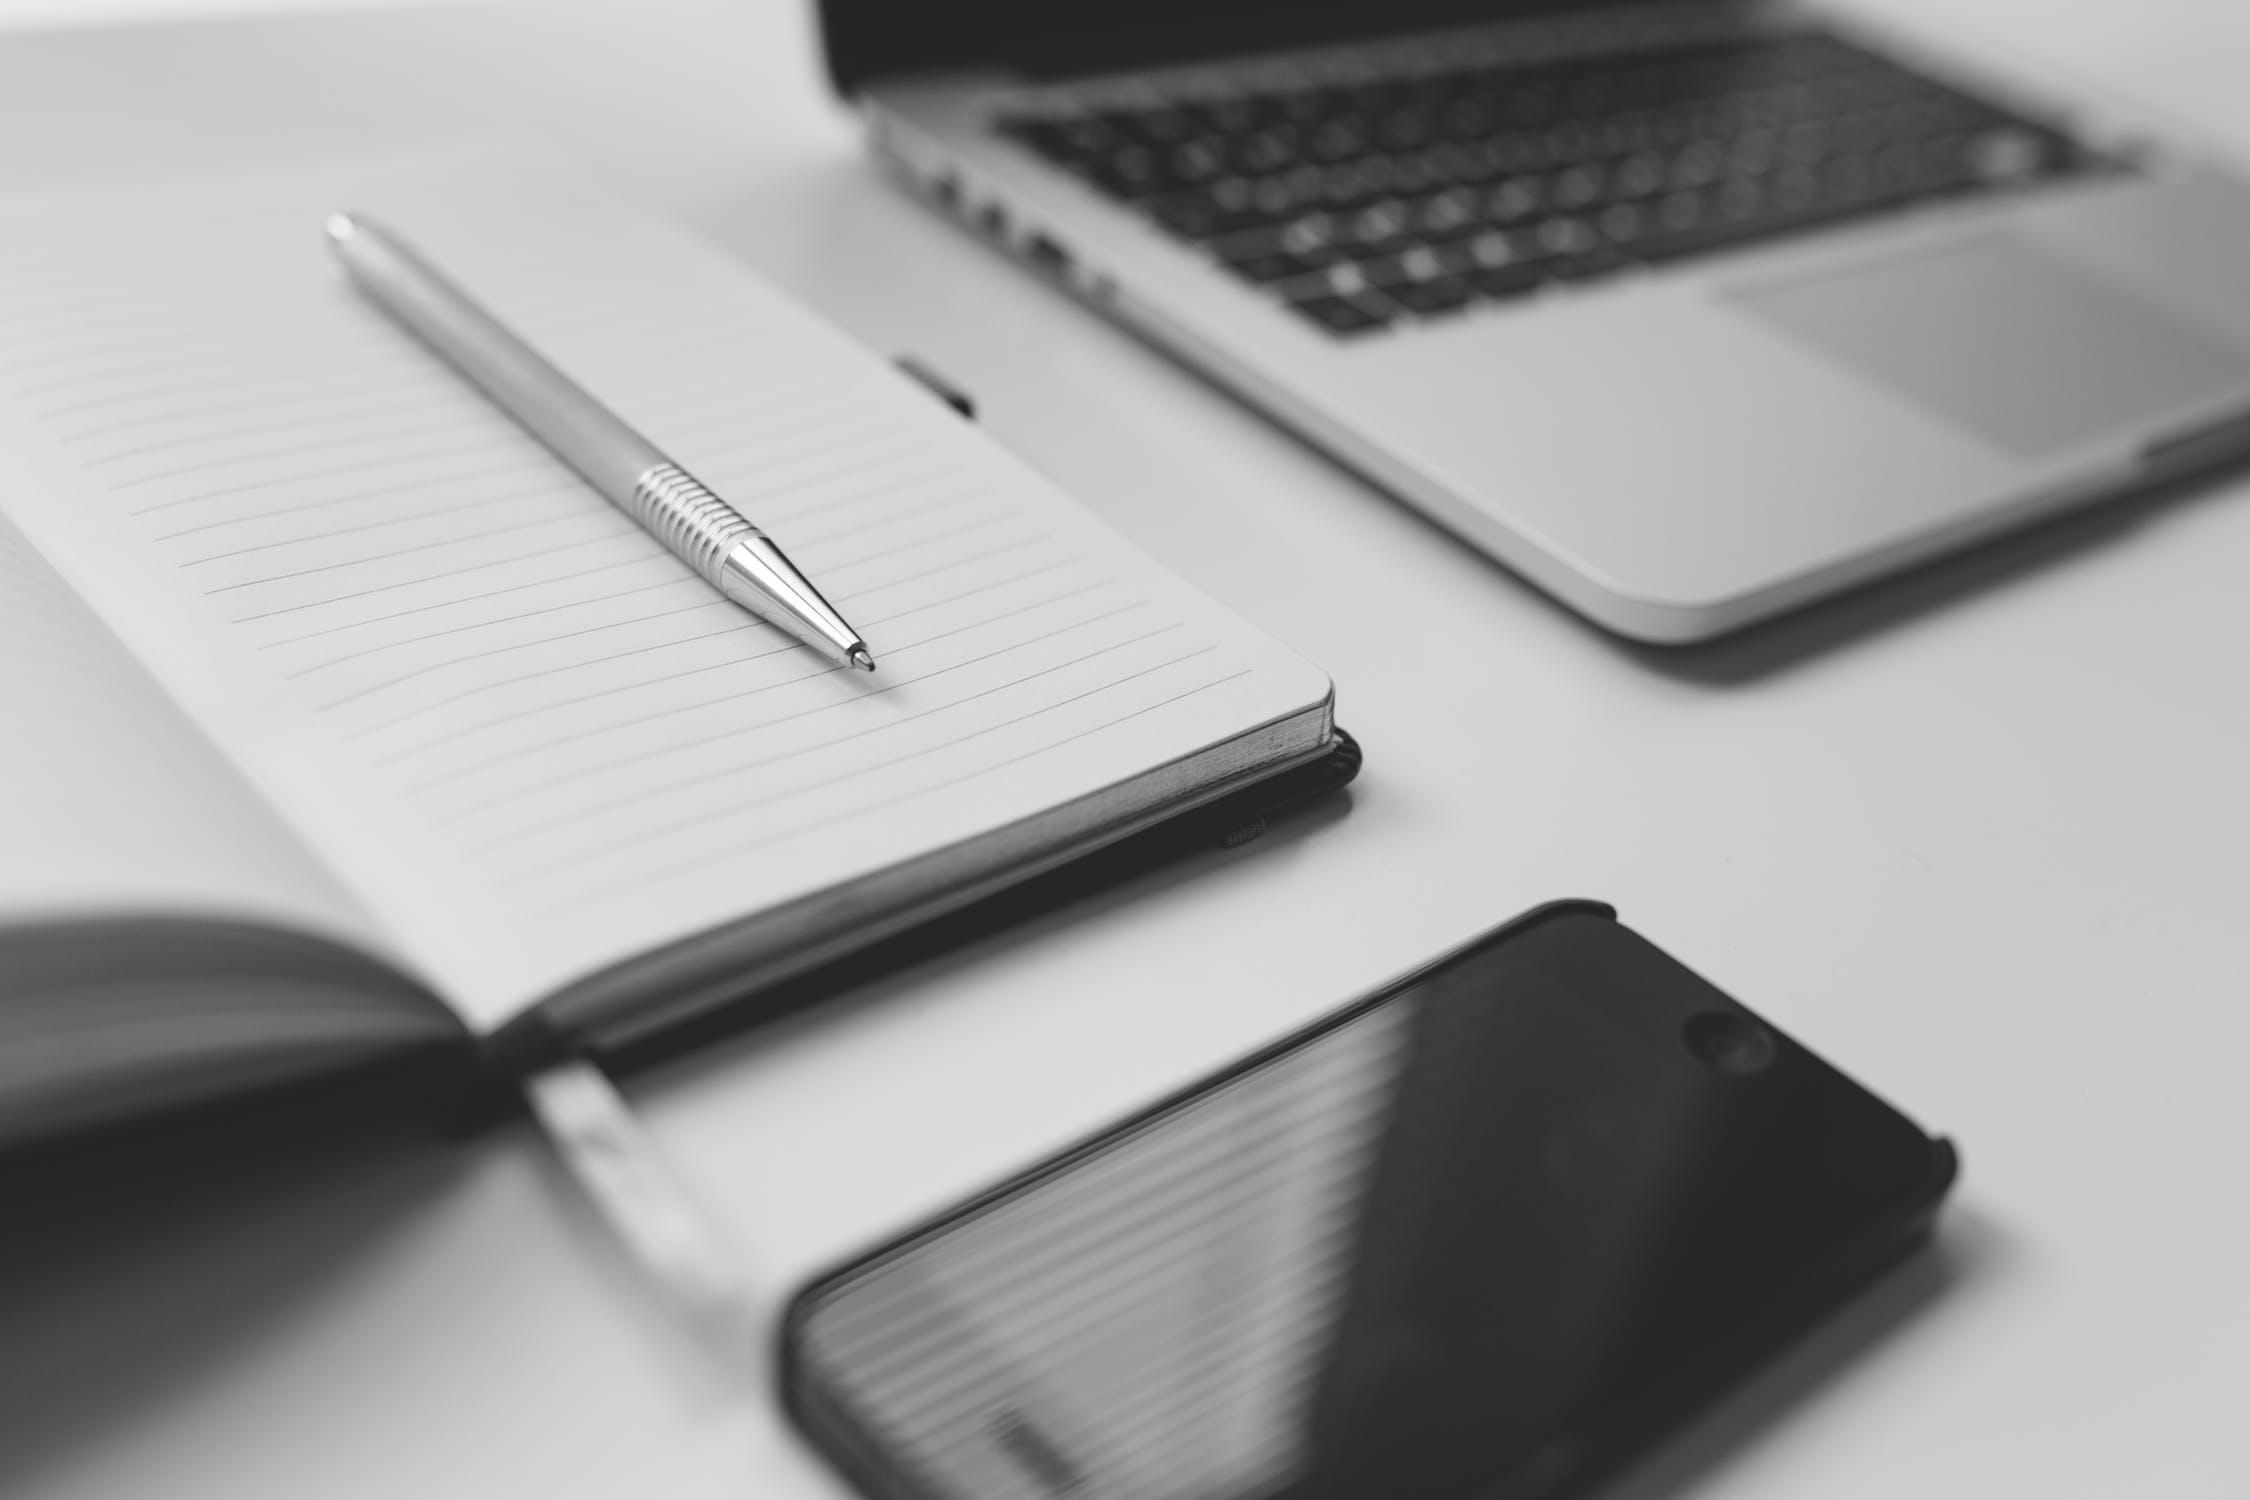 Services - Ein Büroschreibtisch mit Laptop, Block und Smartphone.